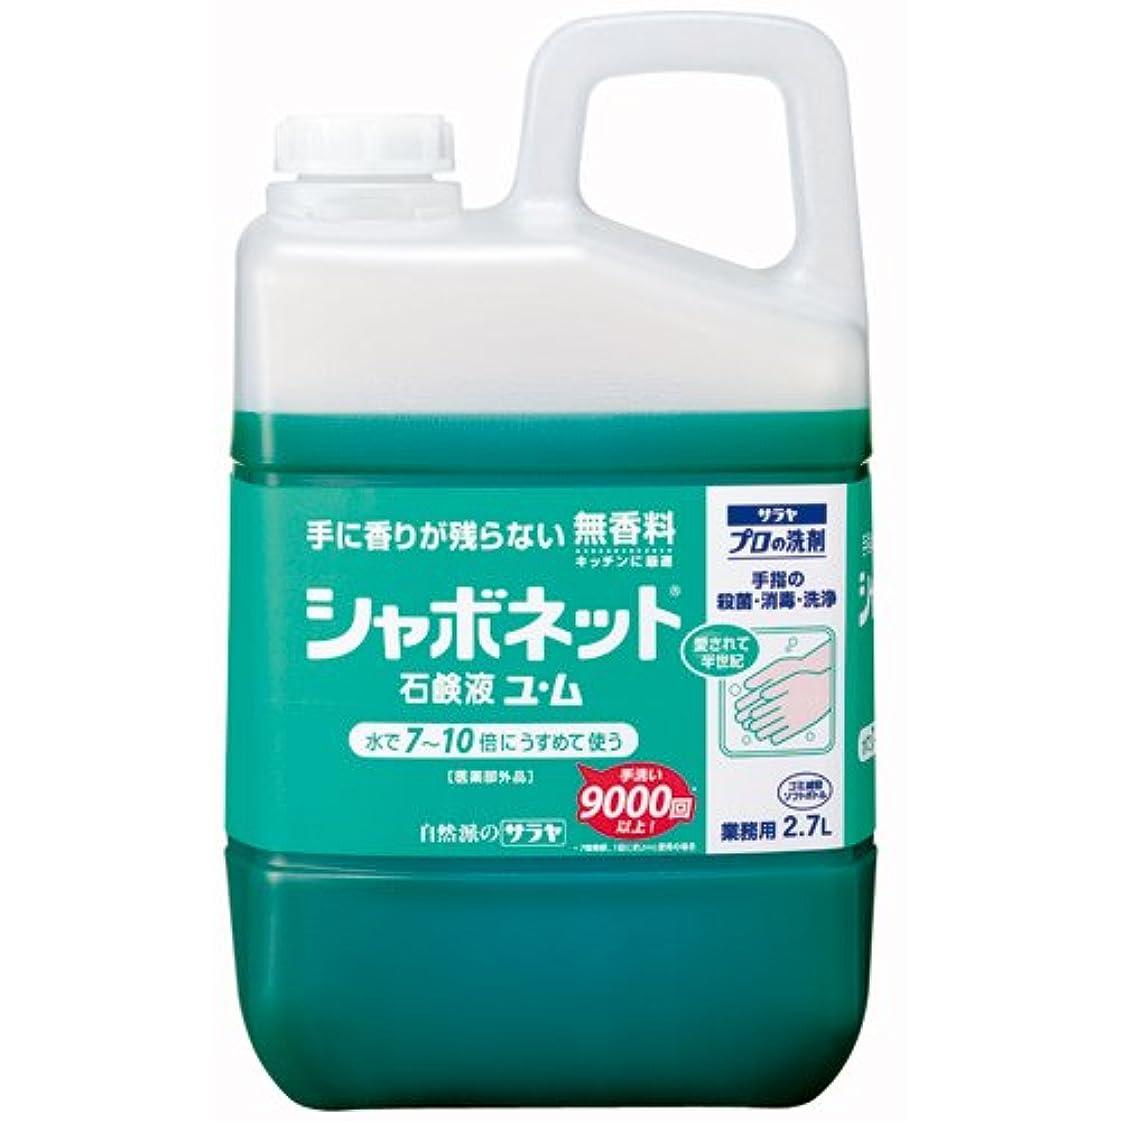 に沿って教義圧縮するサラヤ シャボネット石鹸液 ユ?ム 無香料 業務用 2.7L